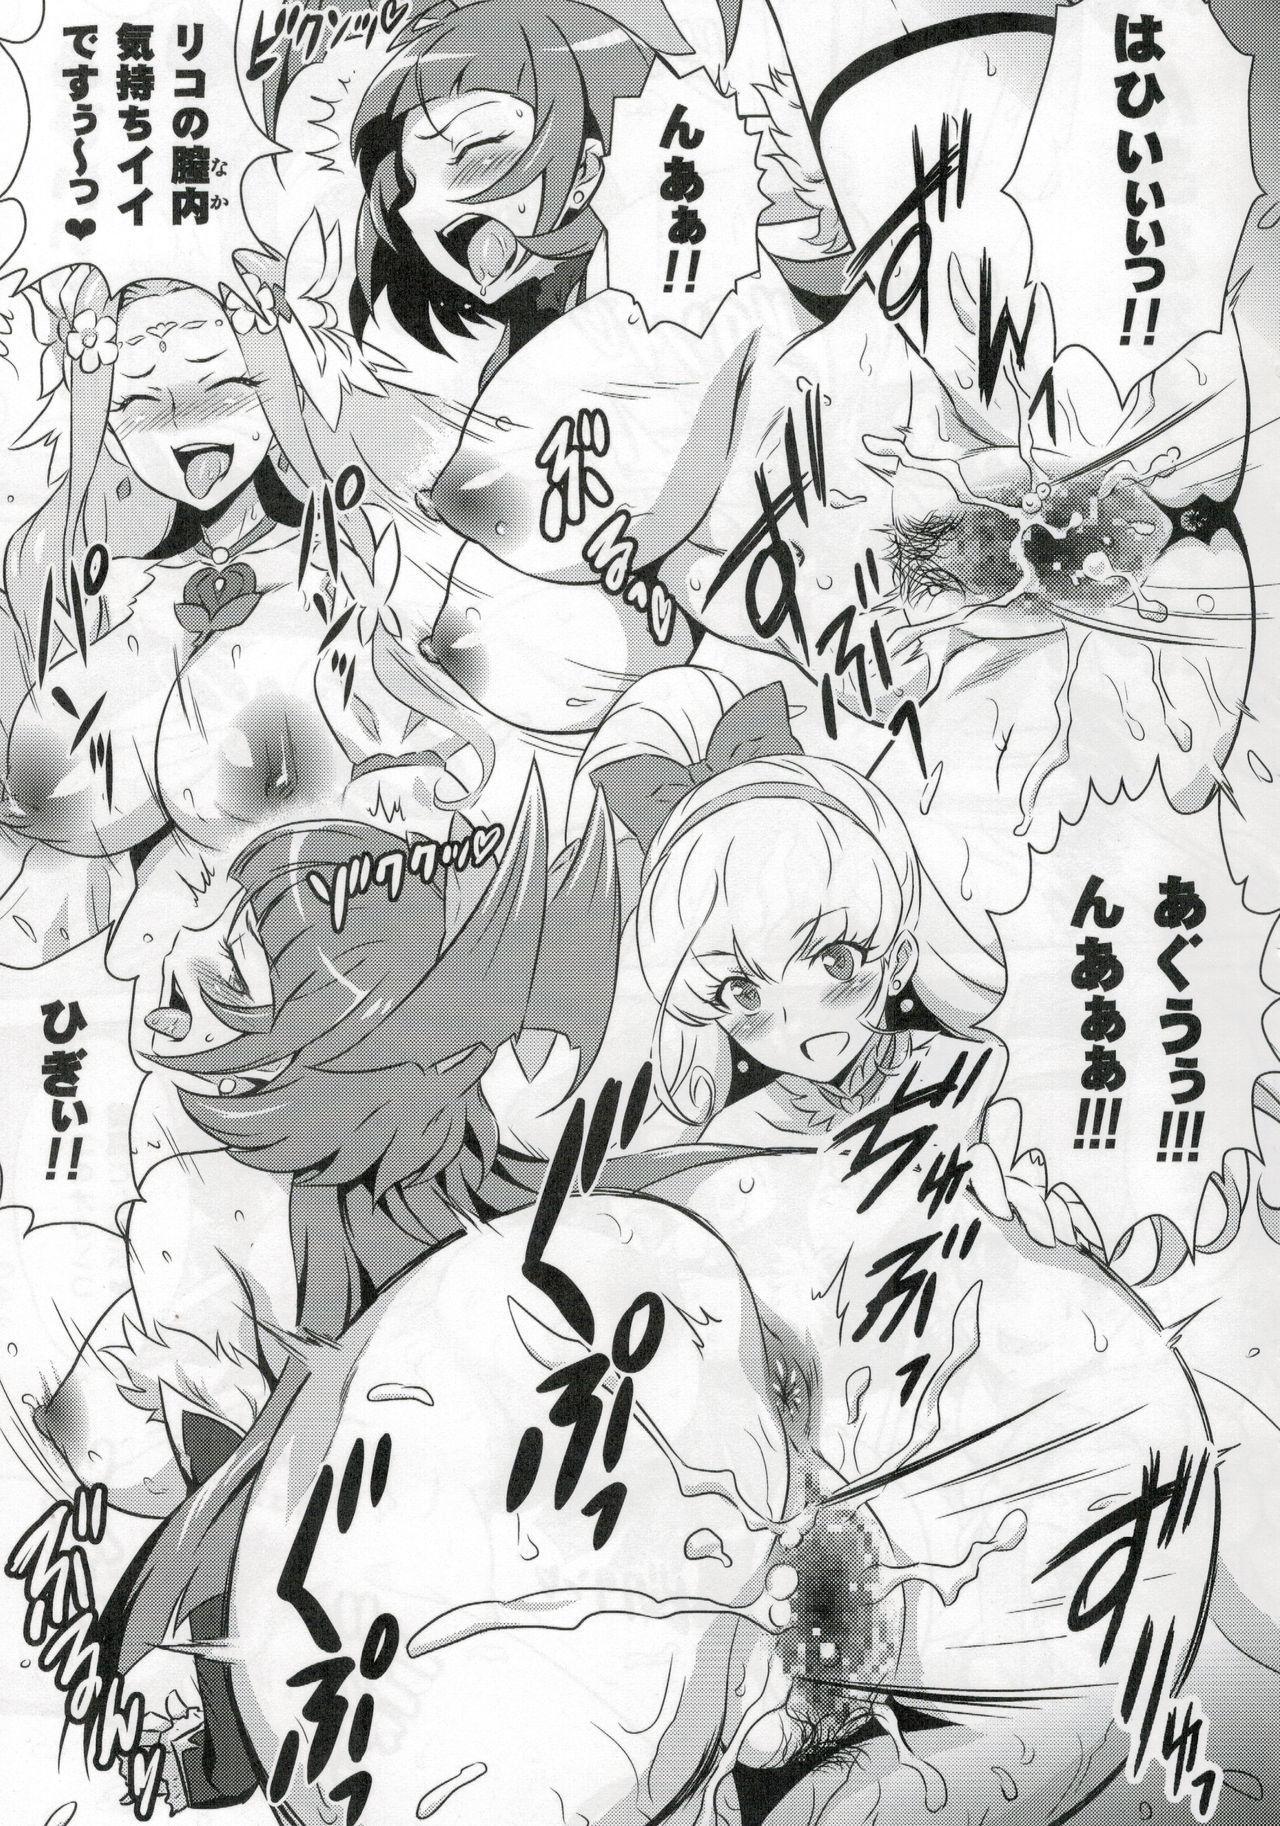 Yorokobi no Kuni Vol. 28 Futari no Seiki Futanari Mahou 15